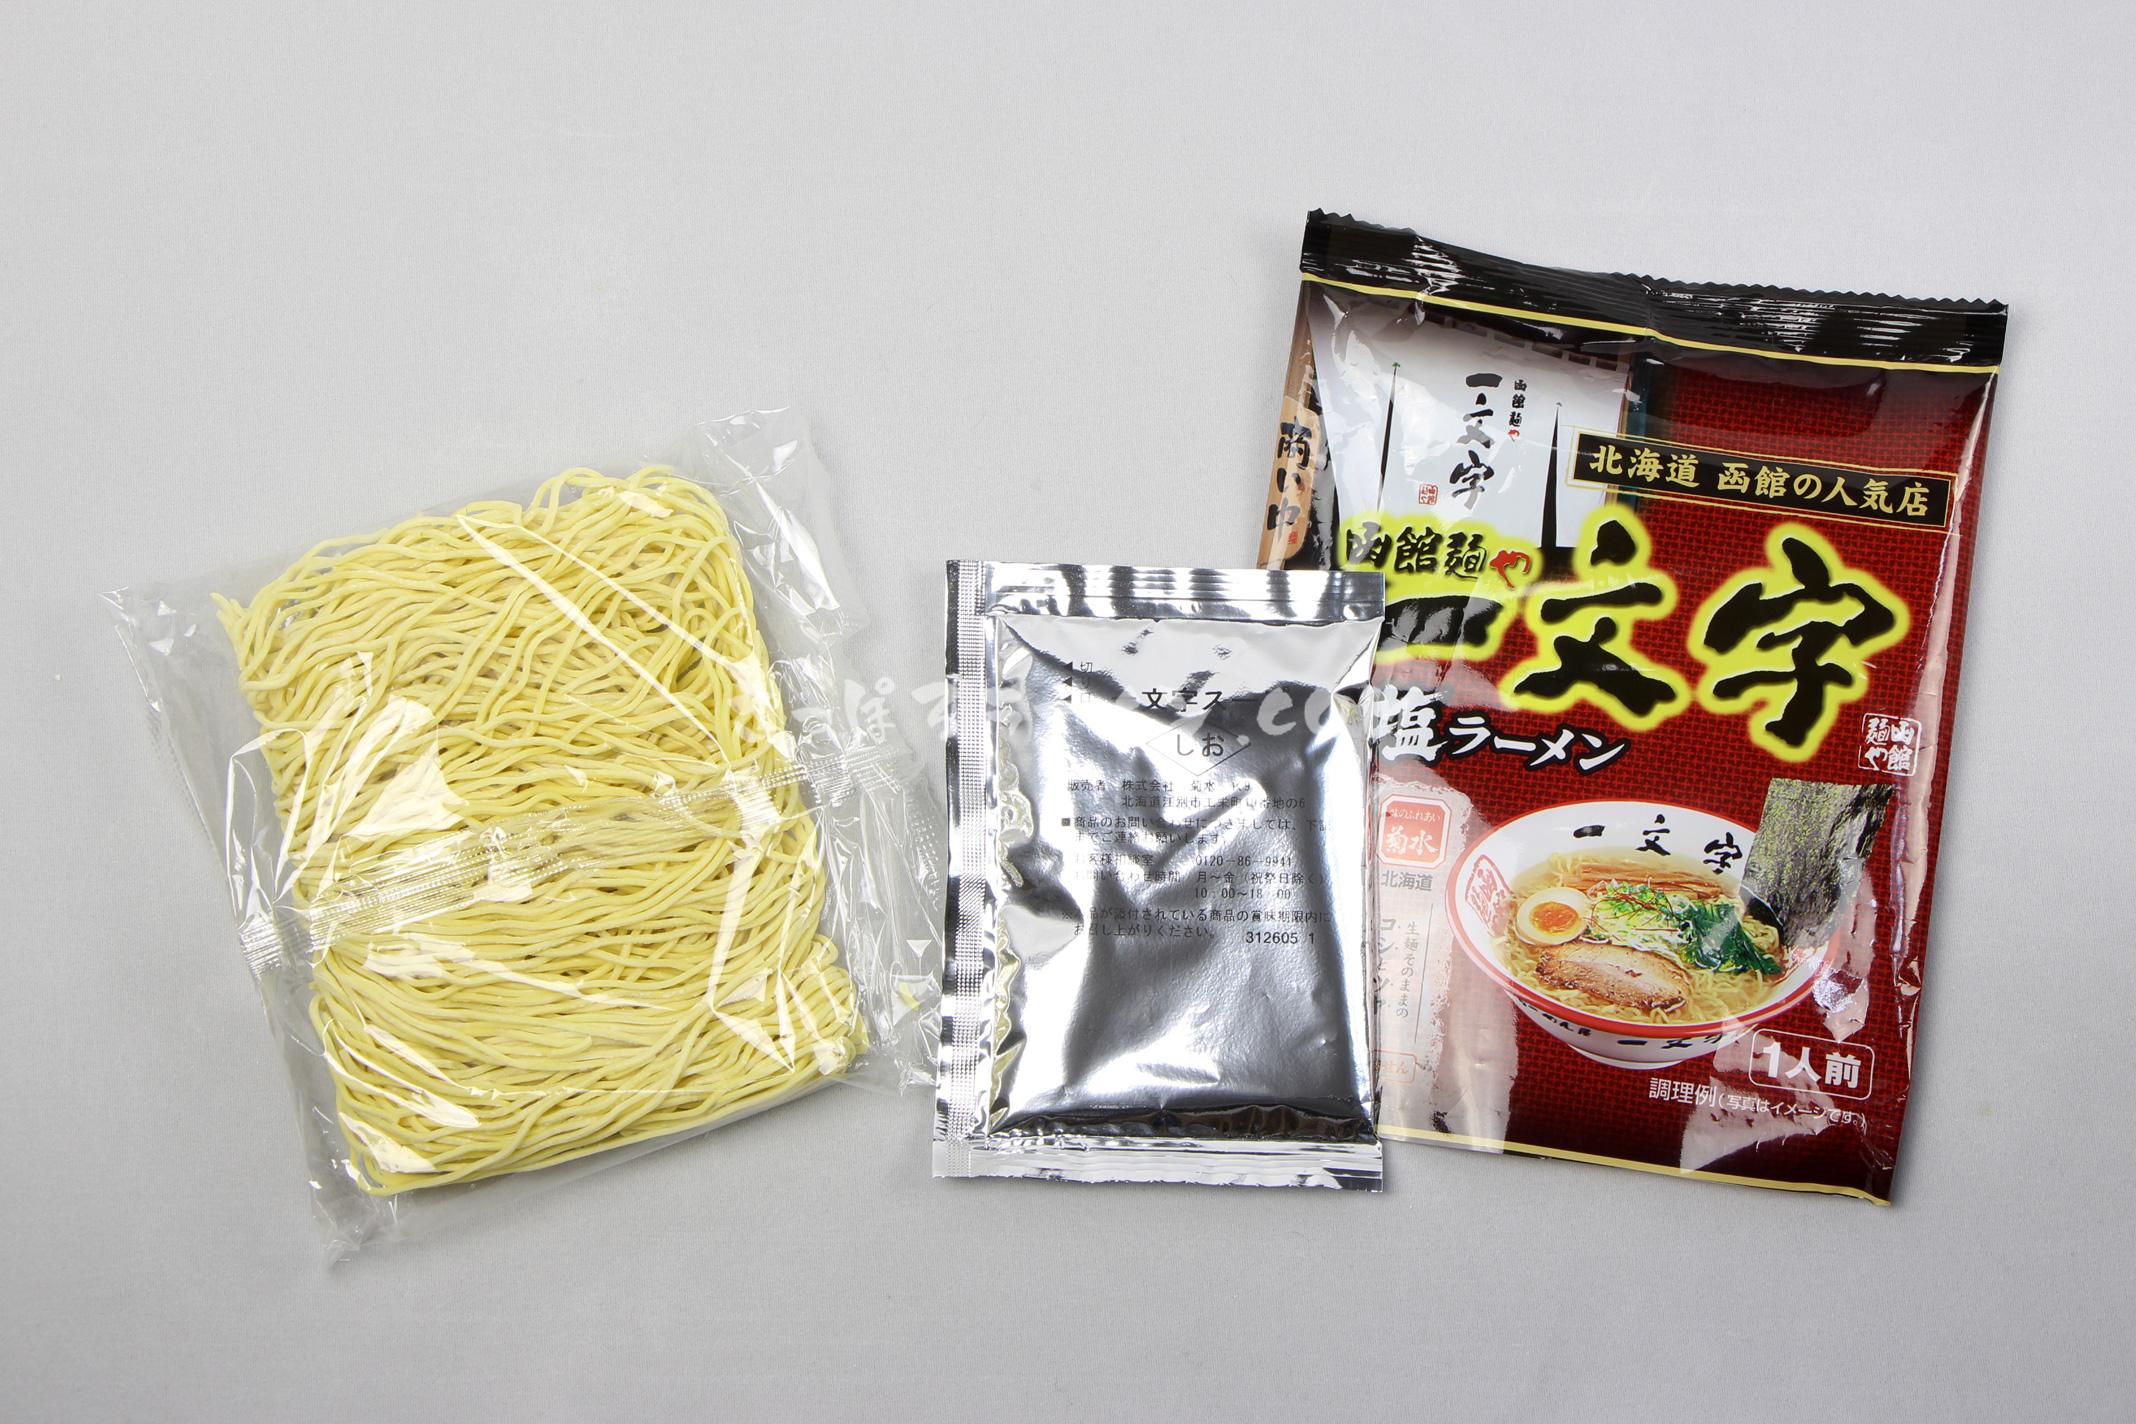 「函館麺や 一文字 塩ラーメン」(菊水)の麺とスープ